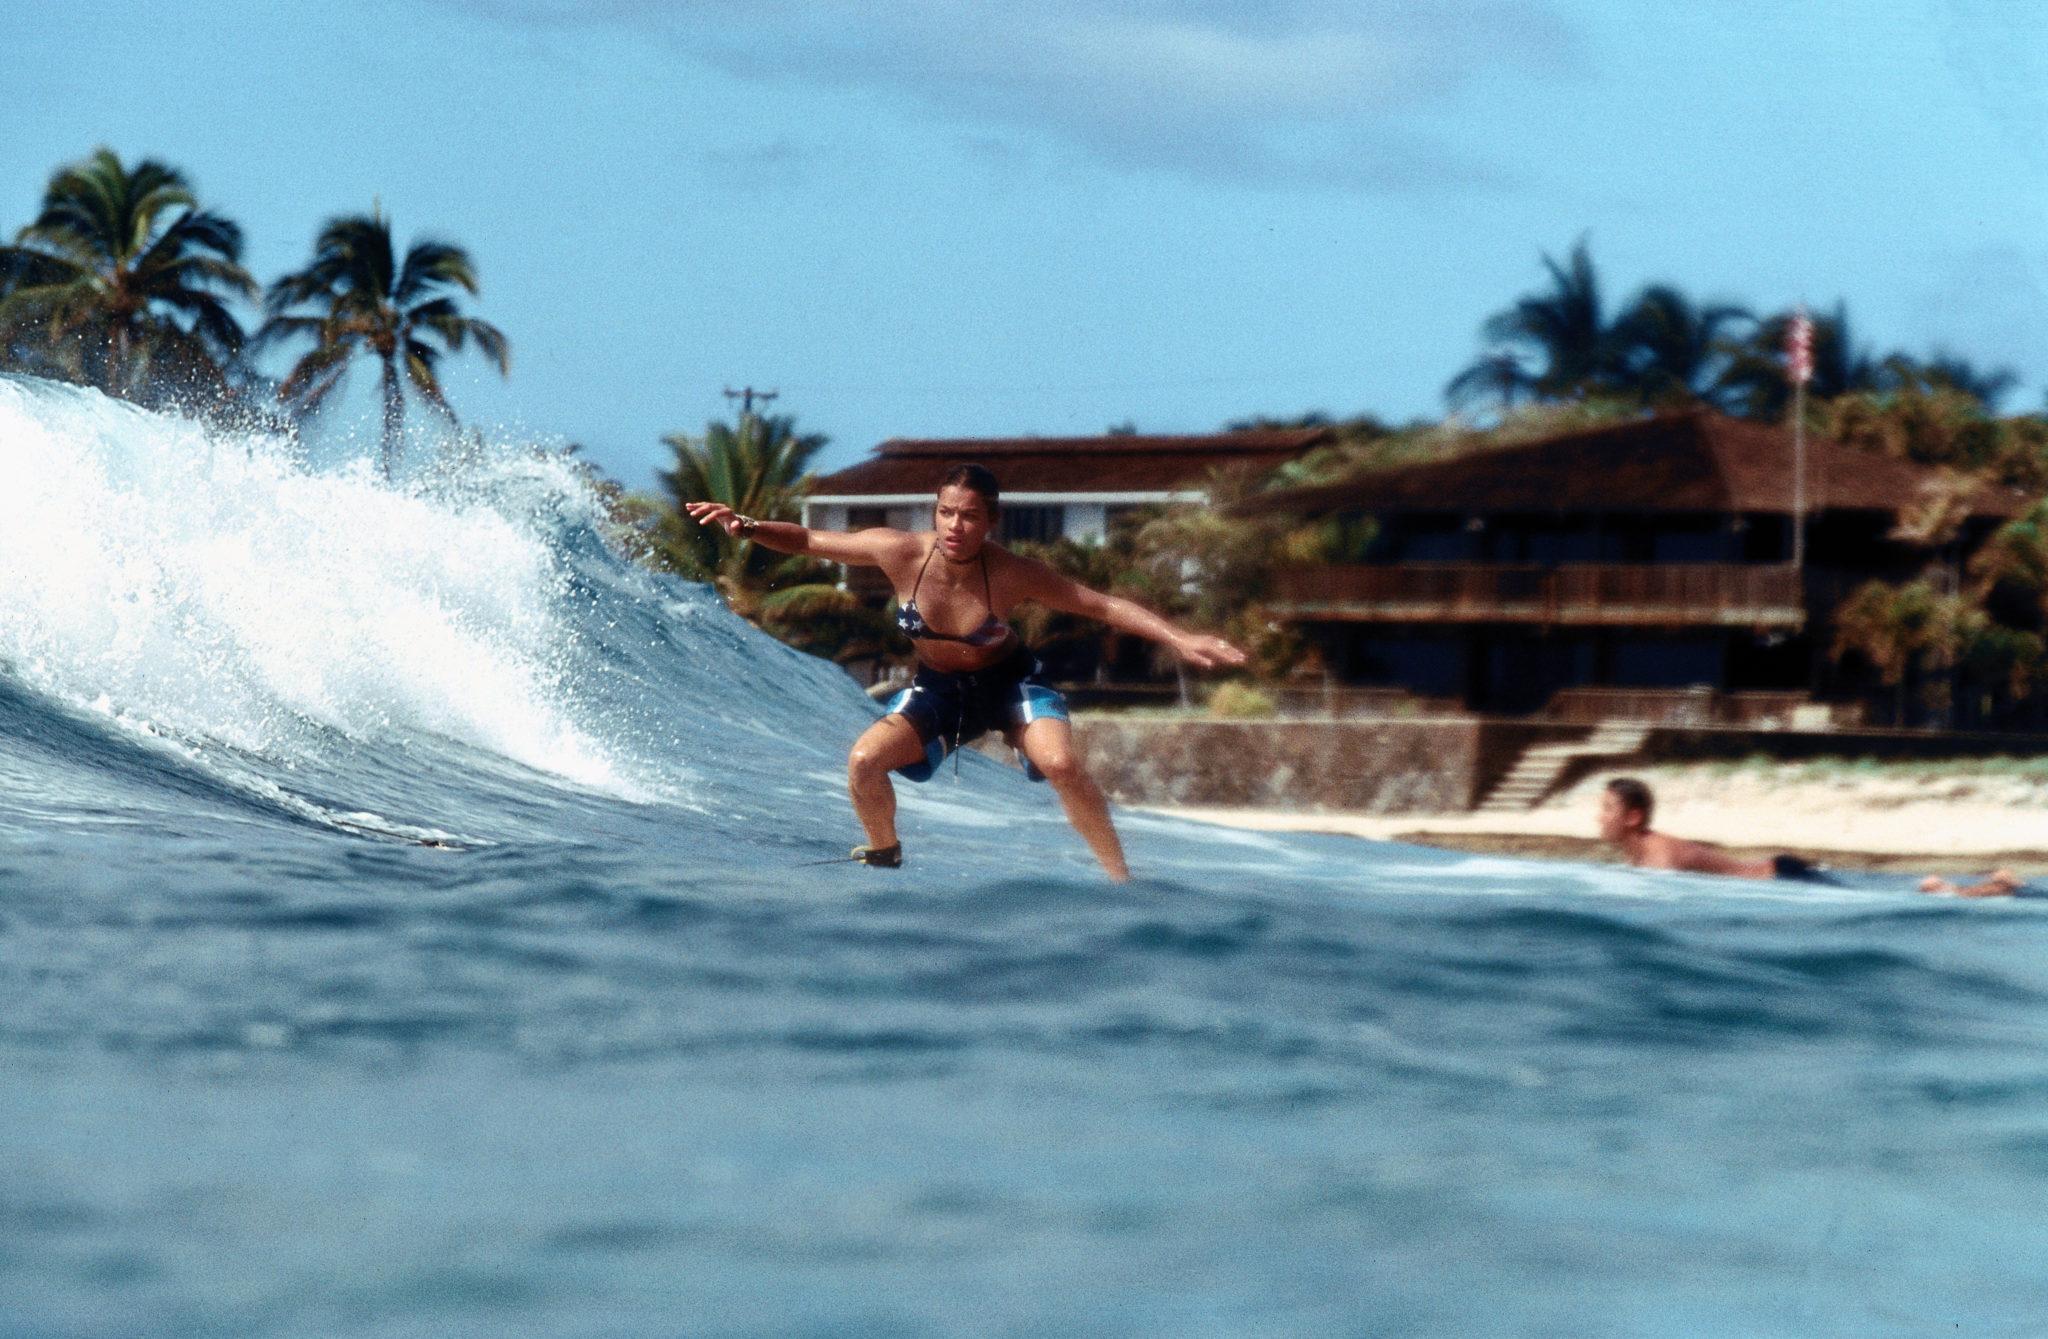 """Michelle Rodríguez als Eden surft in """"Blue Crush"""" mir unsicherem Blick auf einer Welle."""